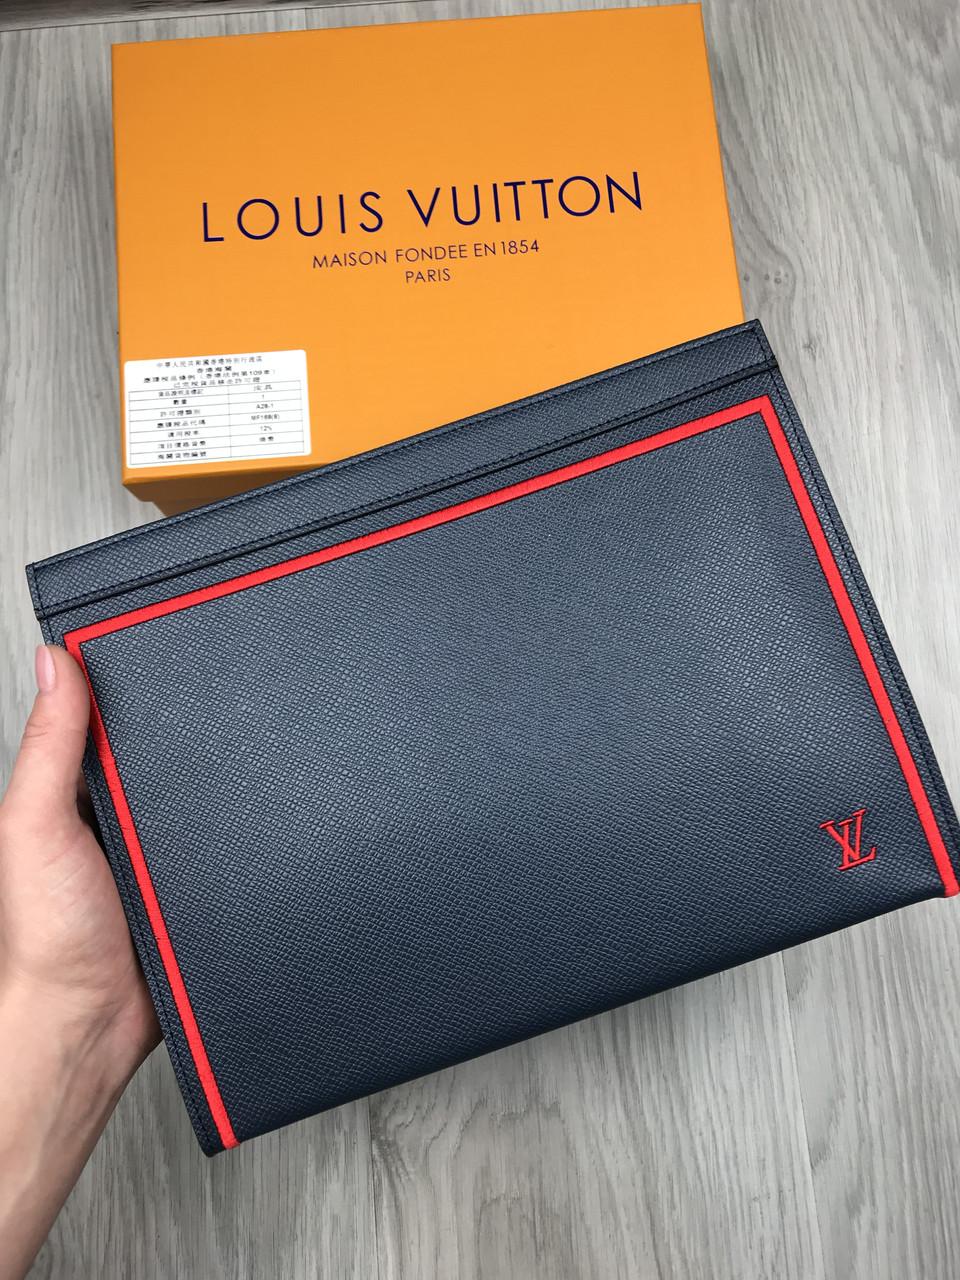 Кожаный мужской кошелек на молнии Louis Vuitton серый Премиум натуральная кожа Стильный клатч Луи Виттон копия